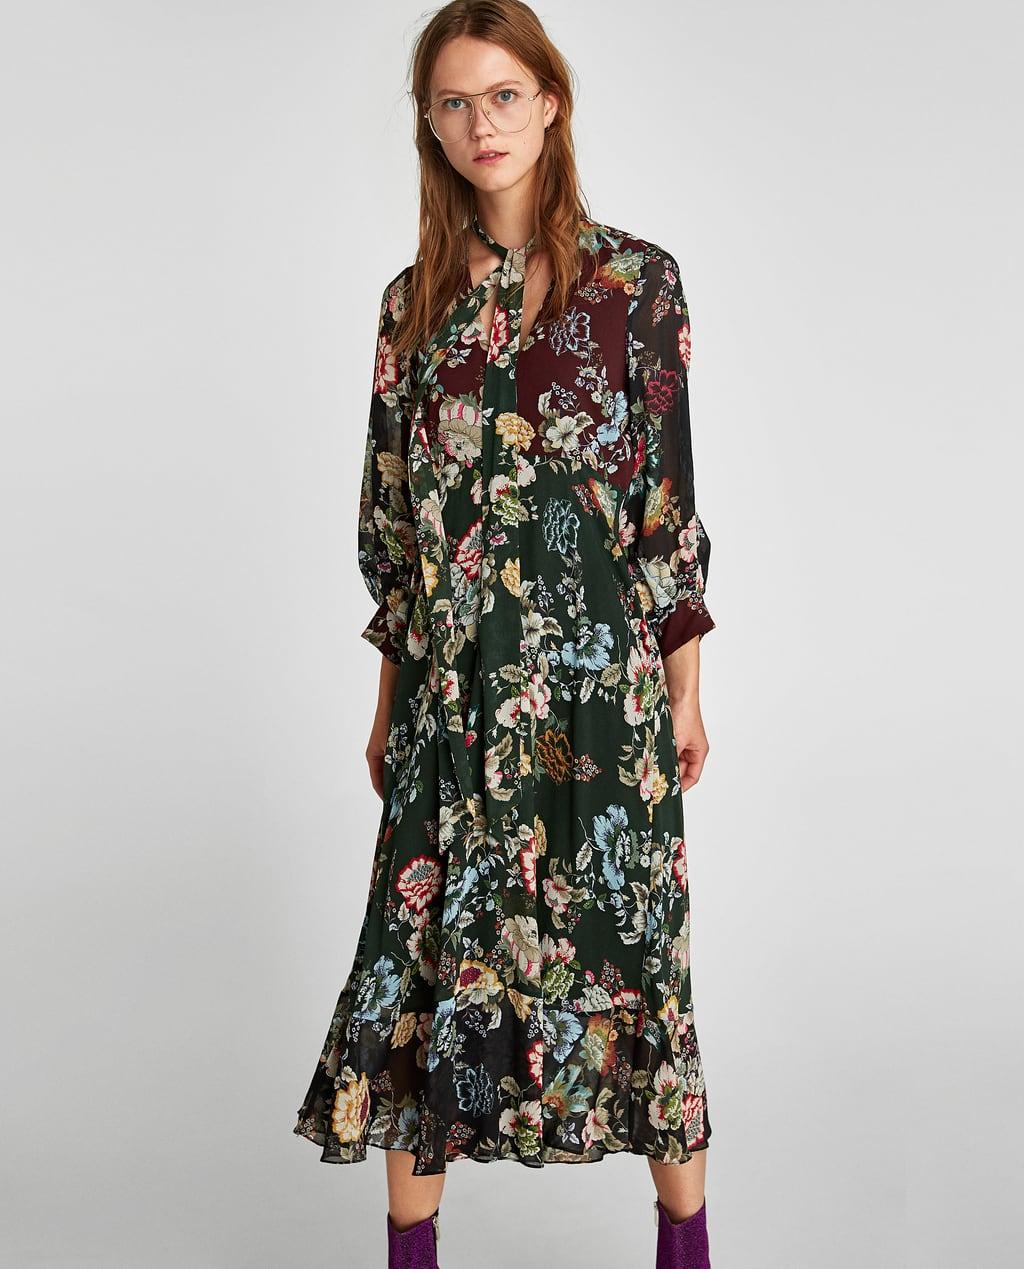 Zara, $30